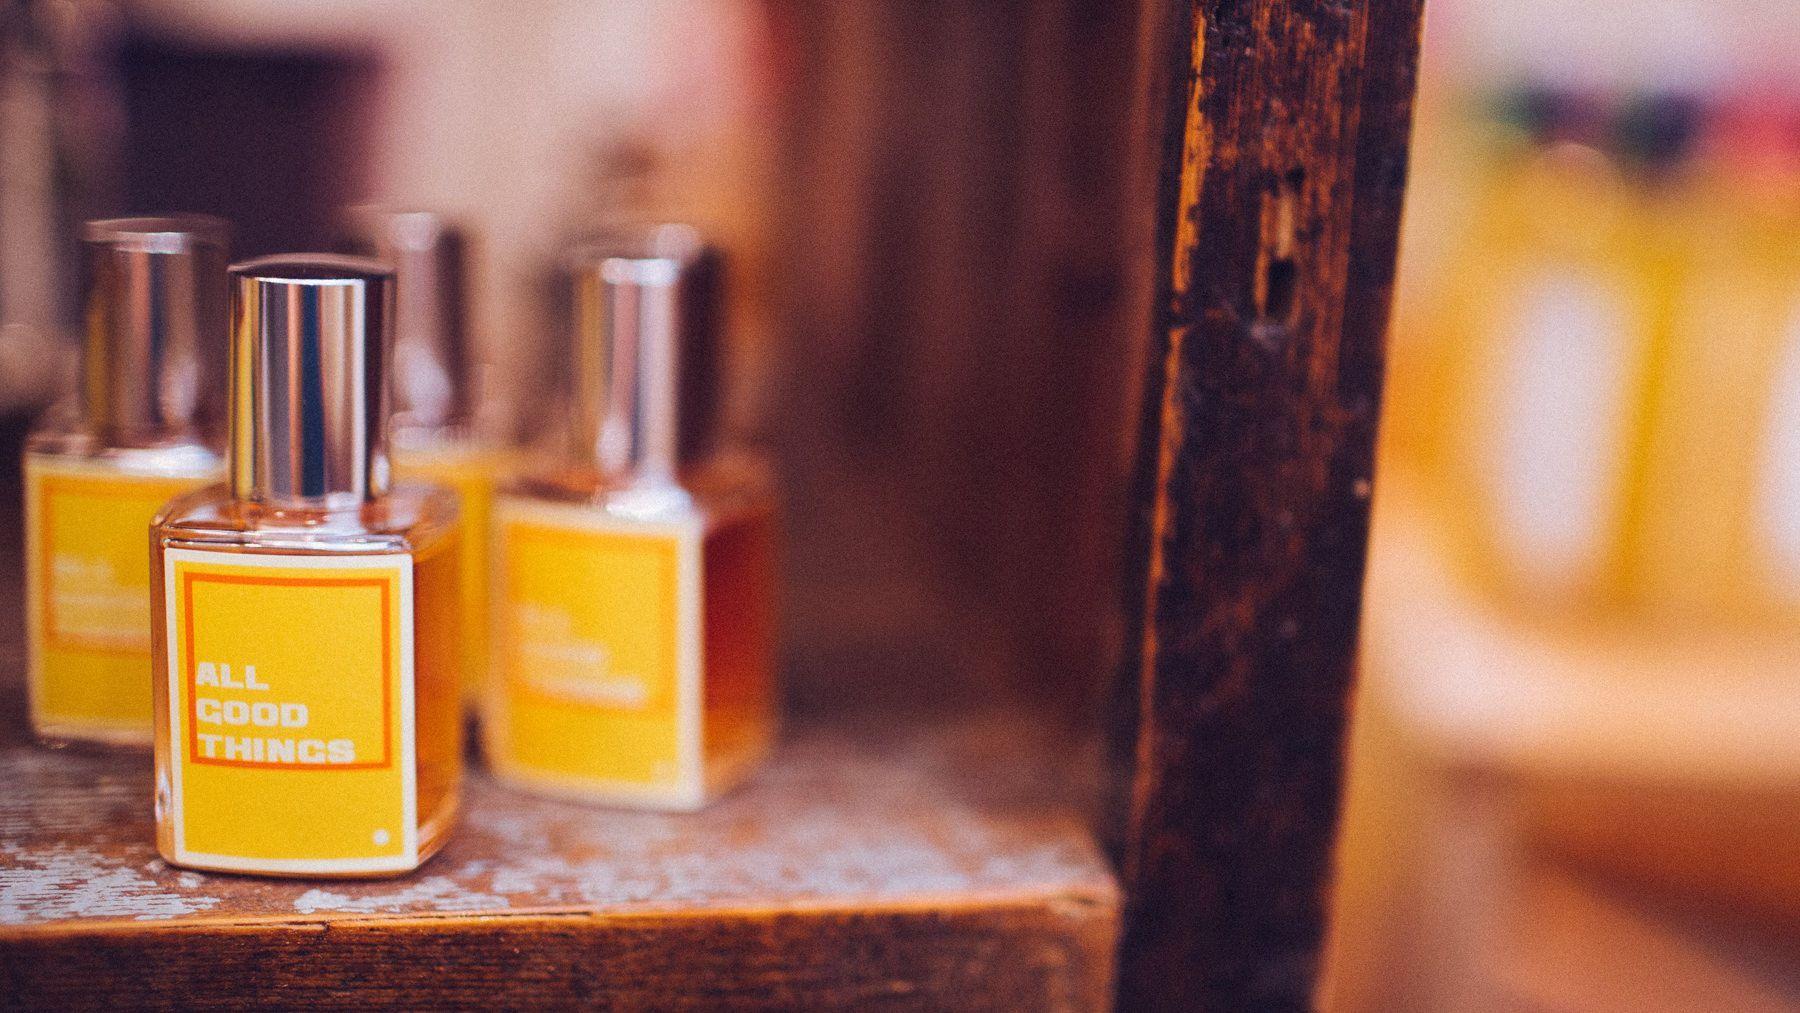 All Good Things mit seinem satten, sinnlichen und rauchigen Duft ist diesen Frühling unser Parfüm Liebling. Schon probiert? http://bit.ly/1F2h5yb